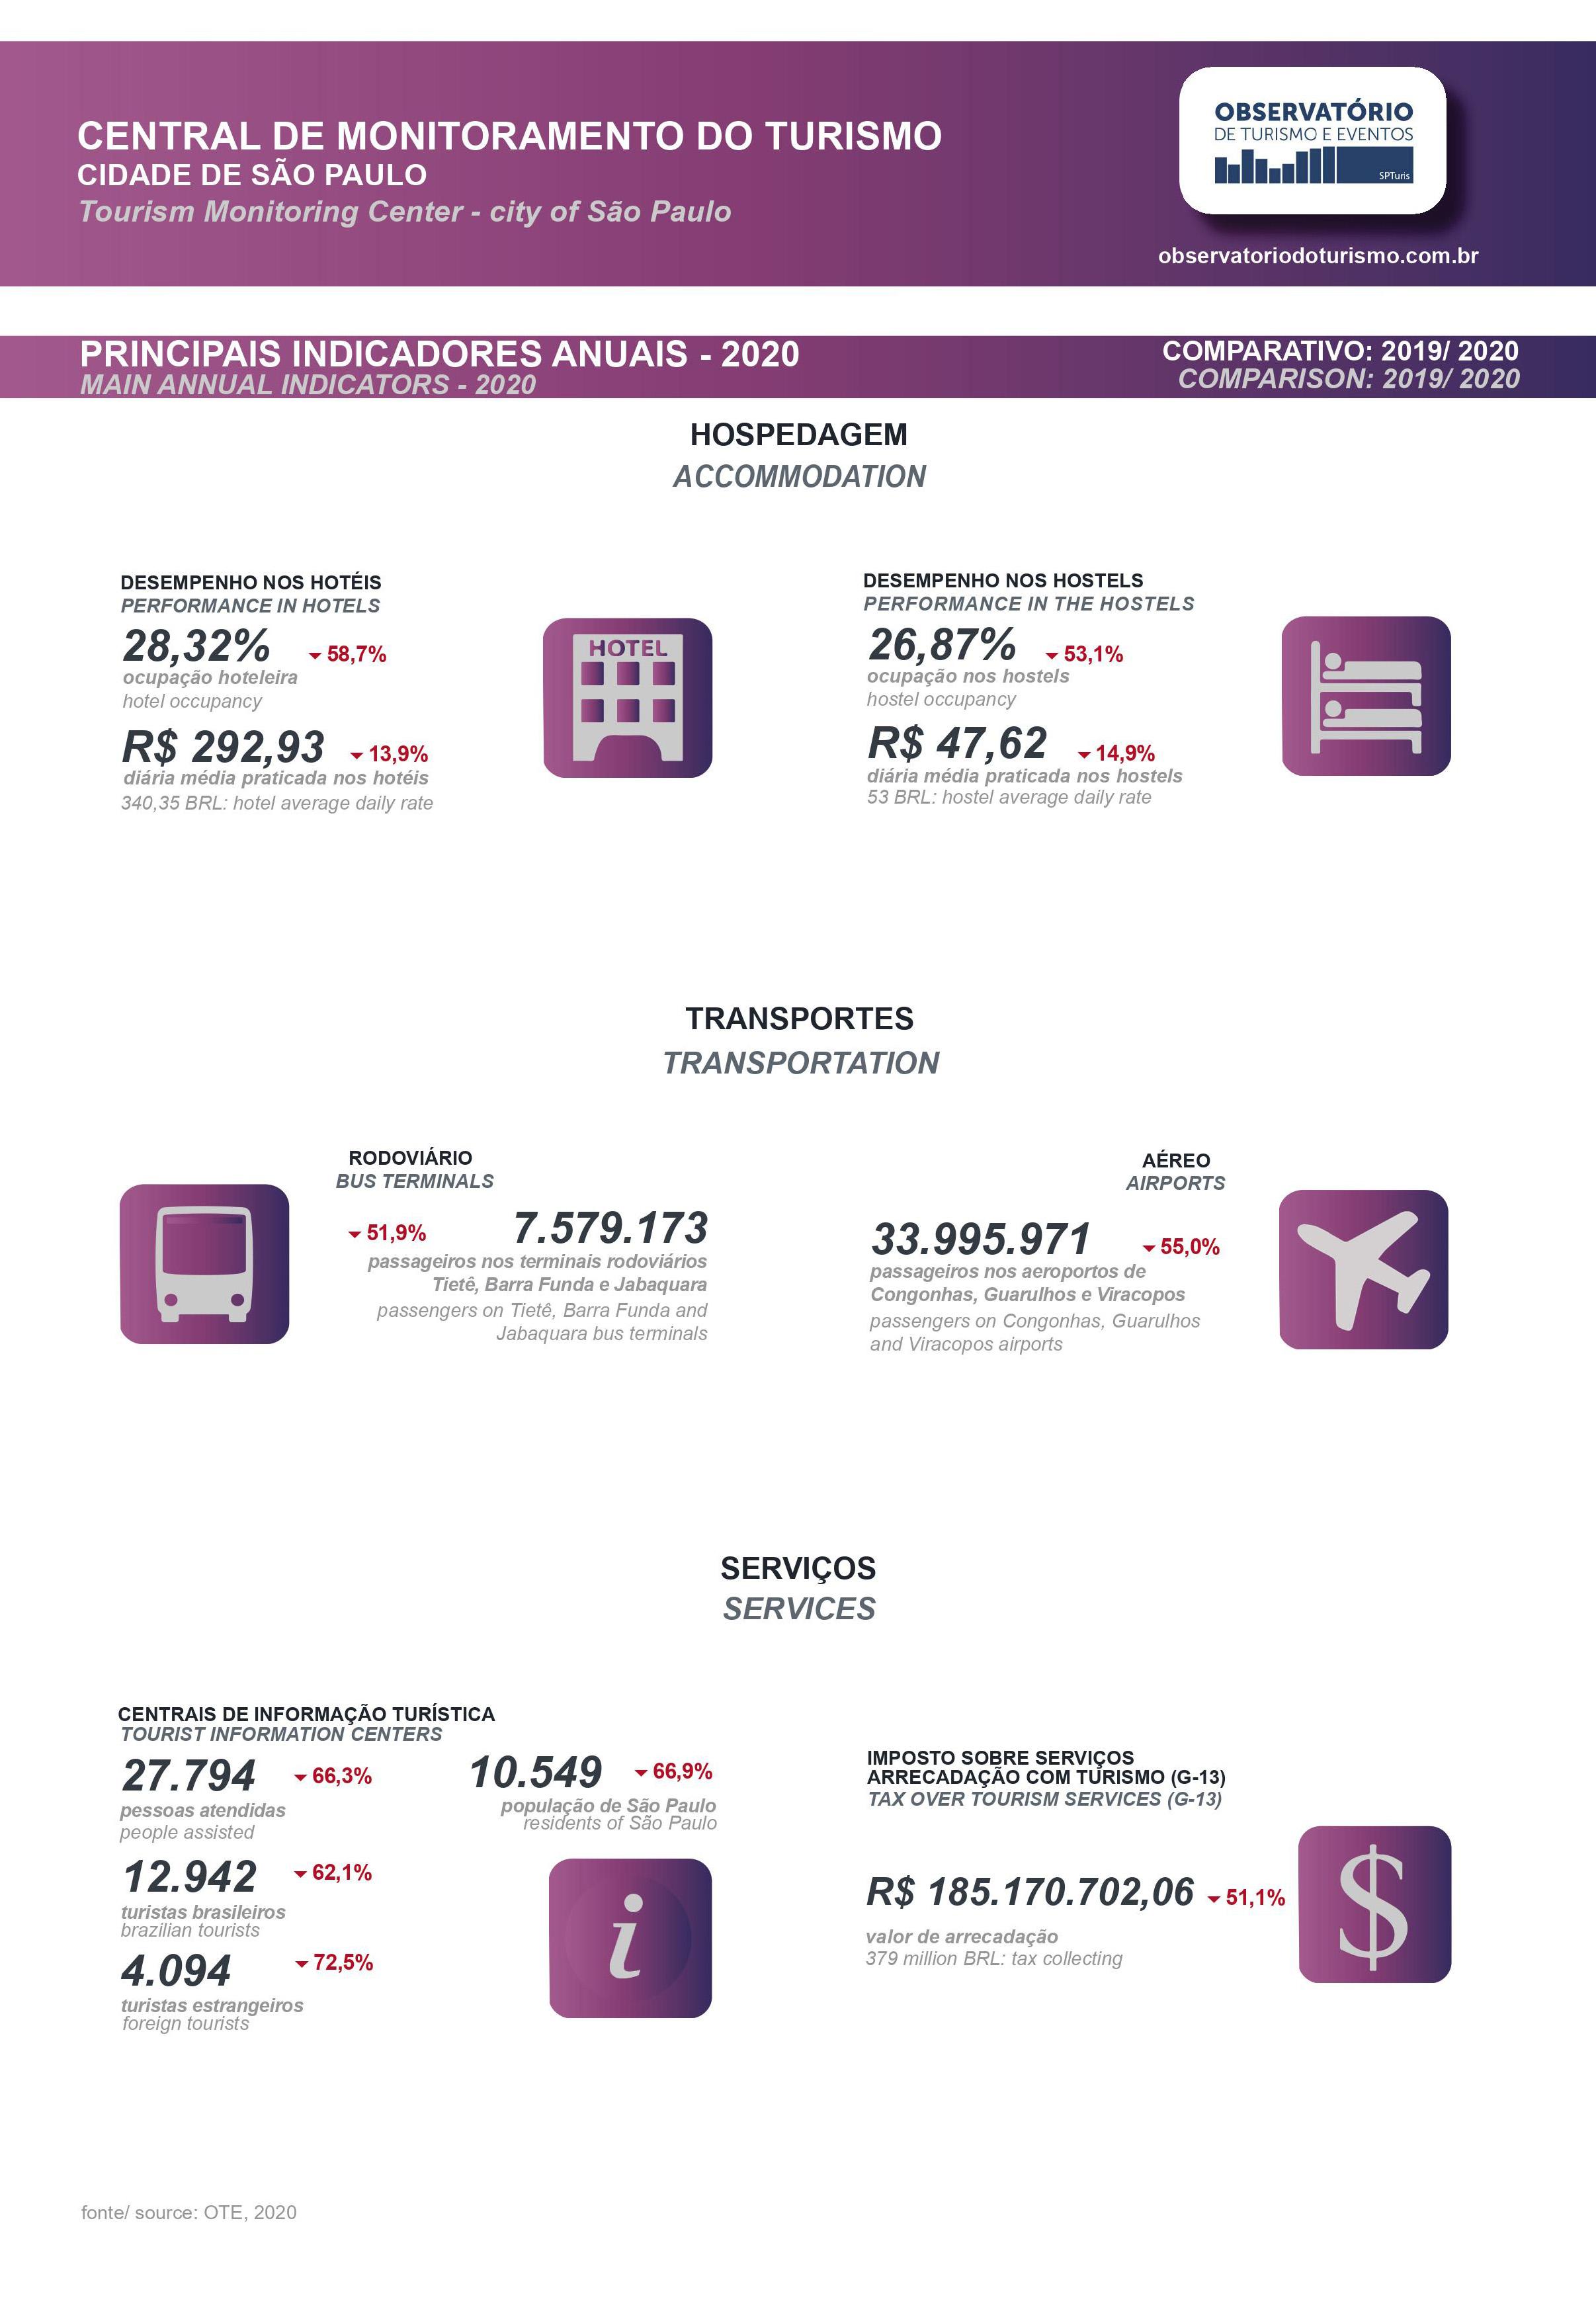 Relatório da Central de Monitoramento do Turismo na Cidade de São Paulo 2020